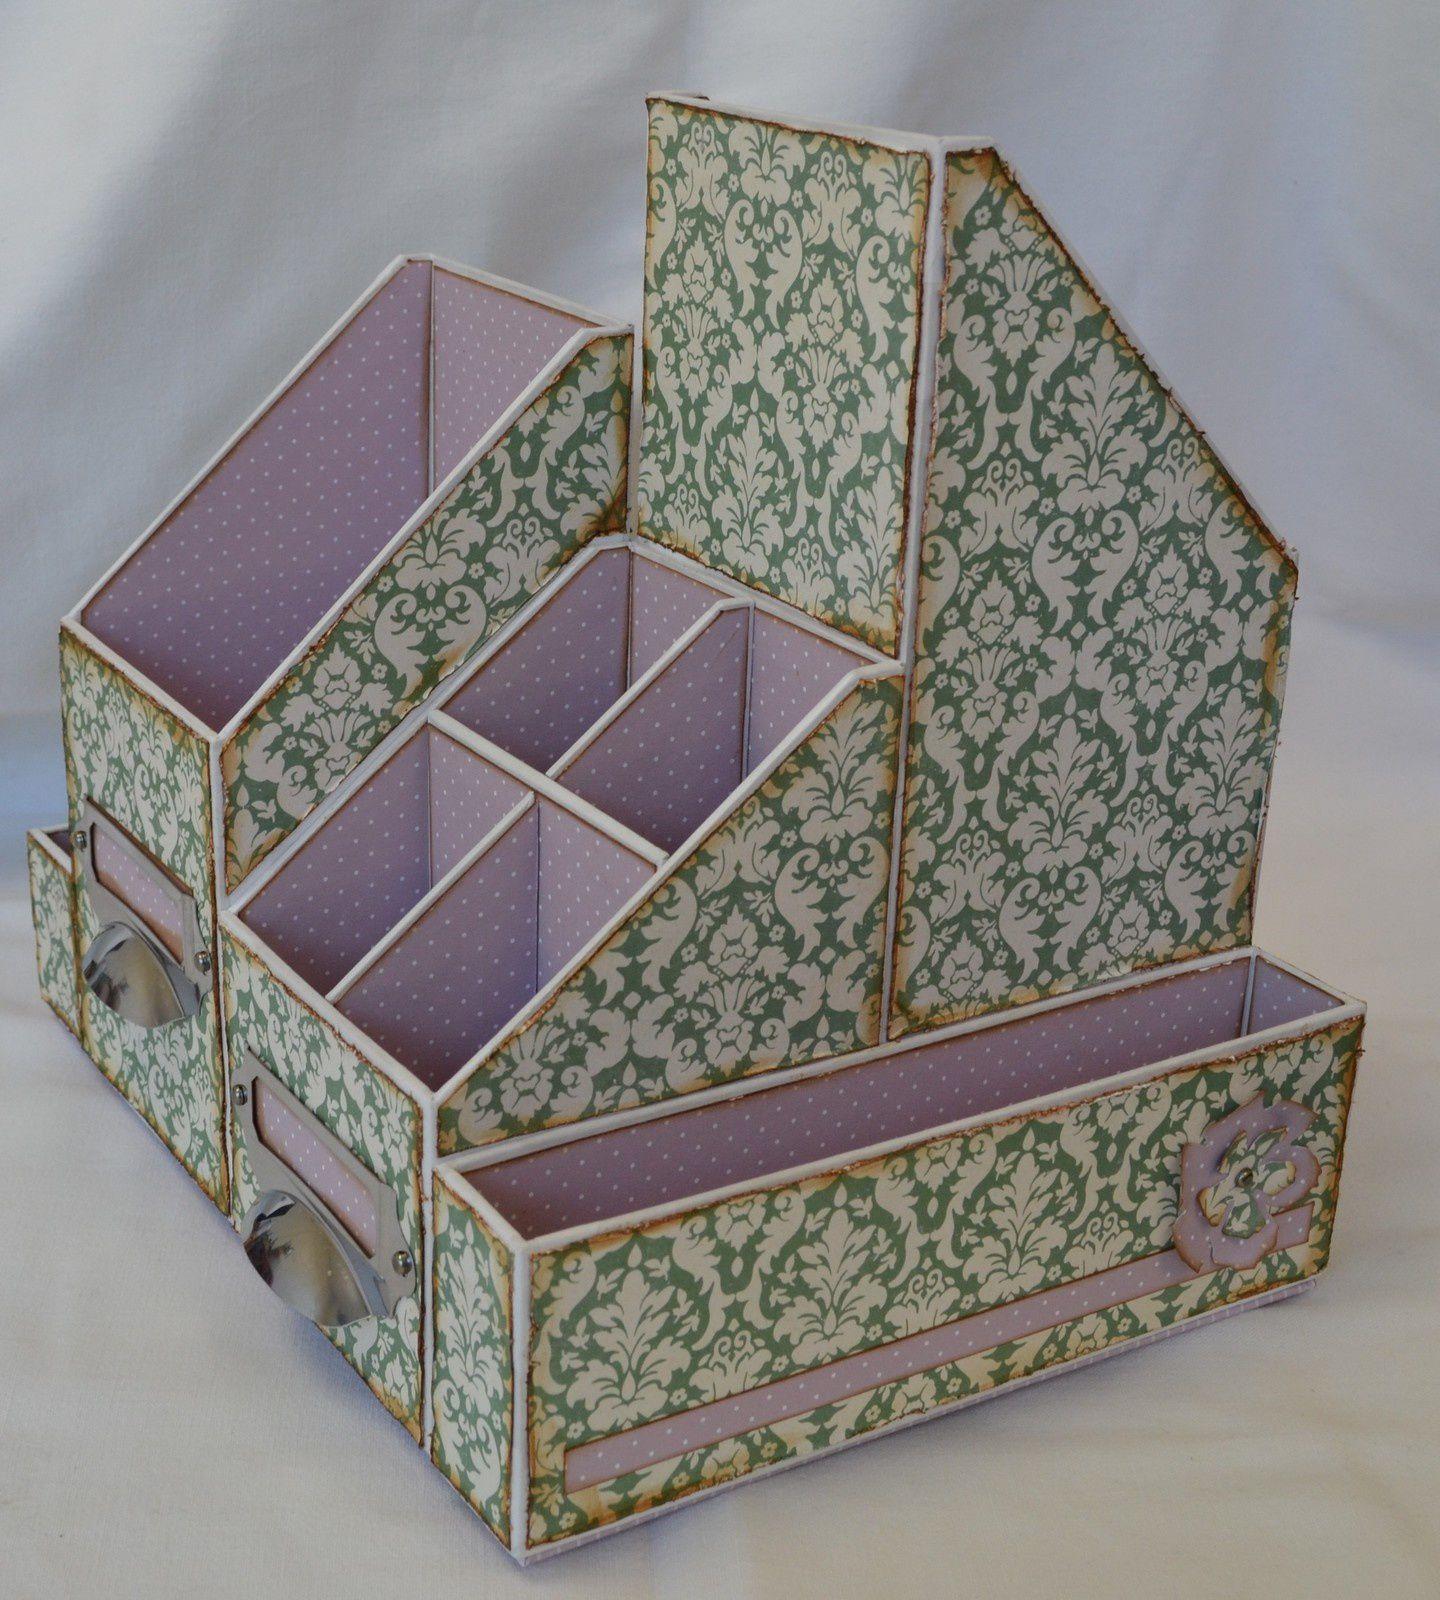 du rangement fait maison laballadattitude. Black Bedroom Furniture Sets. Home Design Ideas